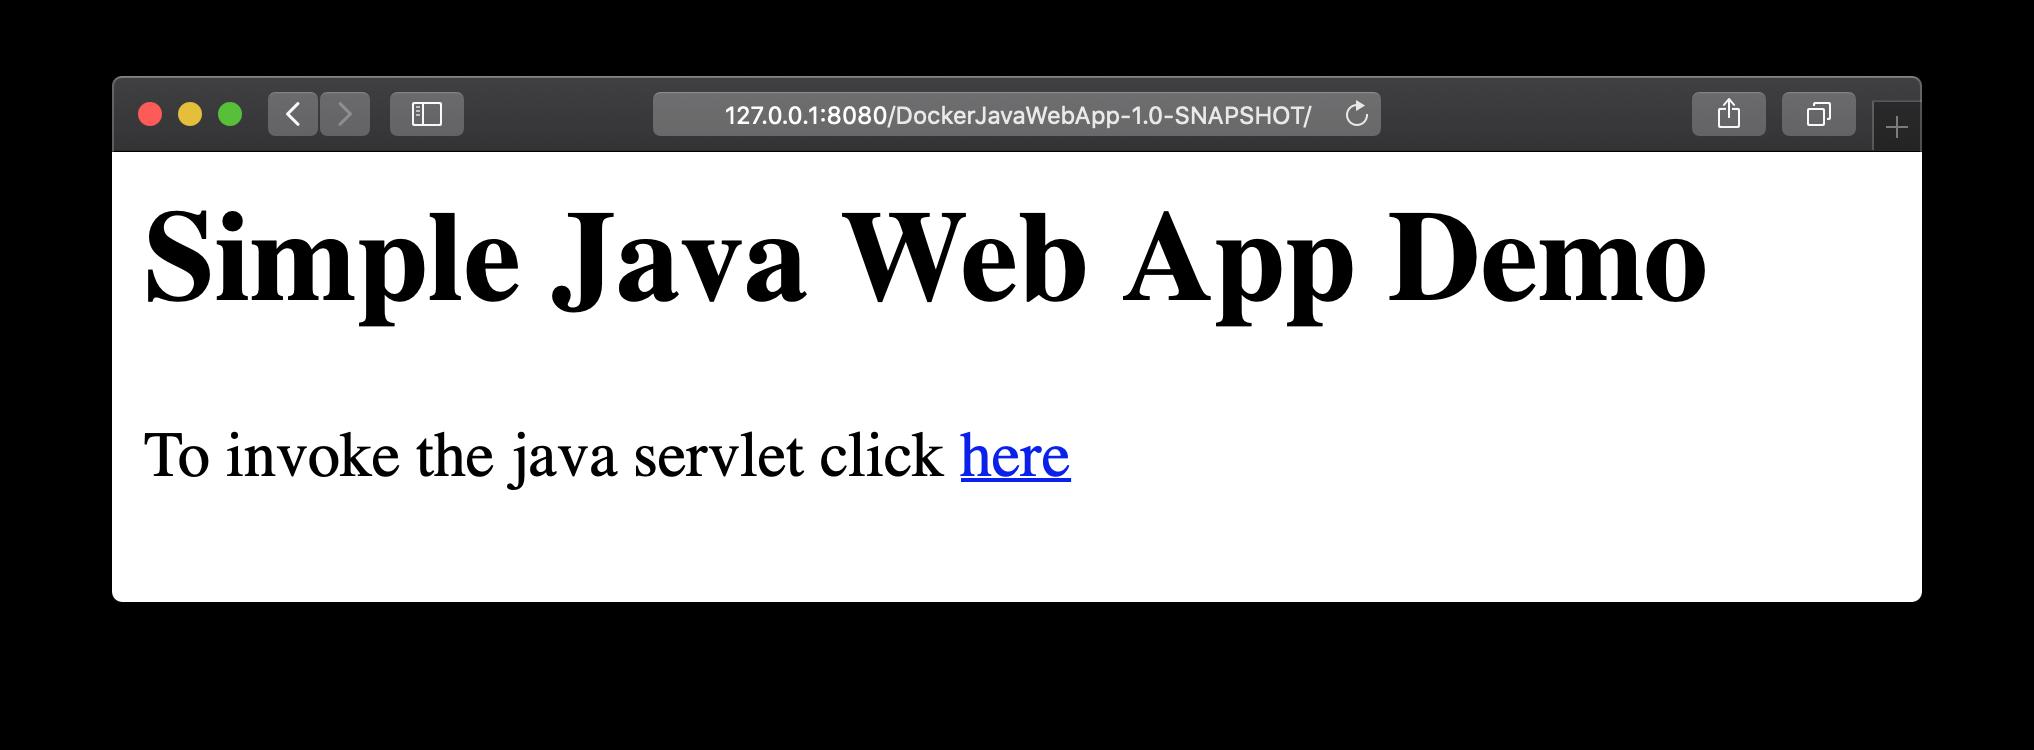 Simple Java Web App Demo start page